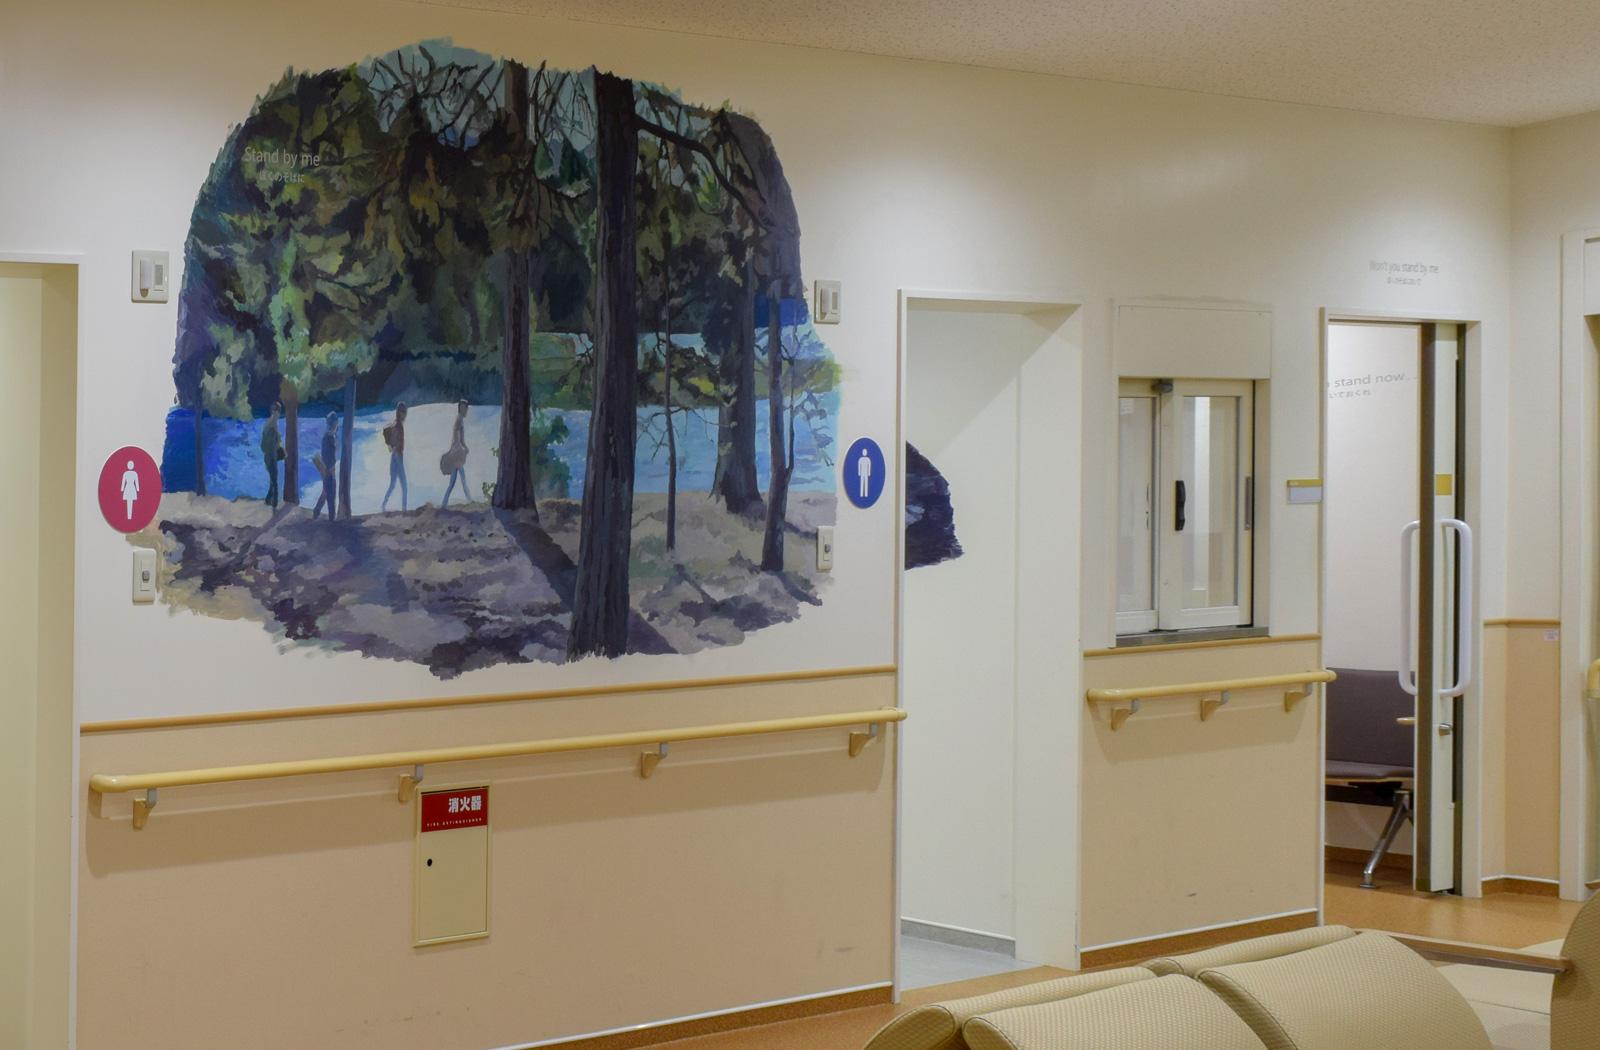 ホスピタルアート 四国こどもとおとなの医療センター 検査科に必要なアートとは?